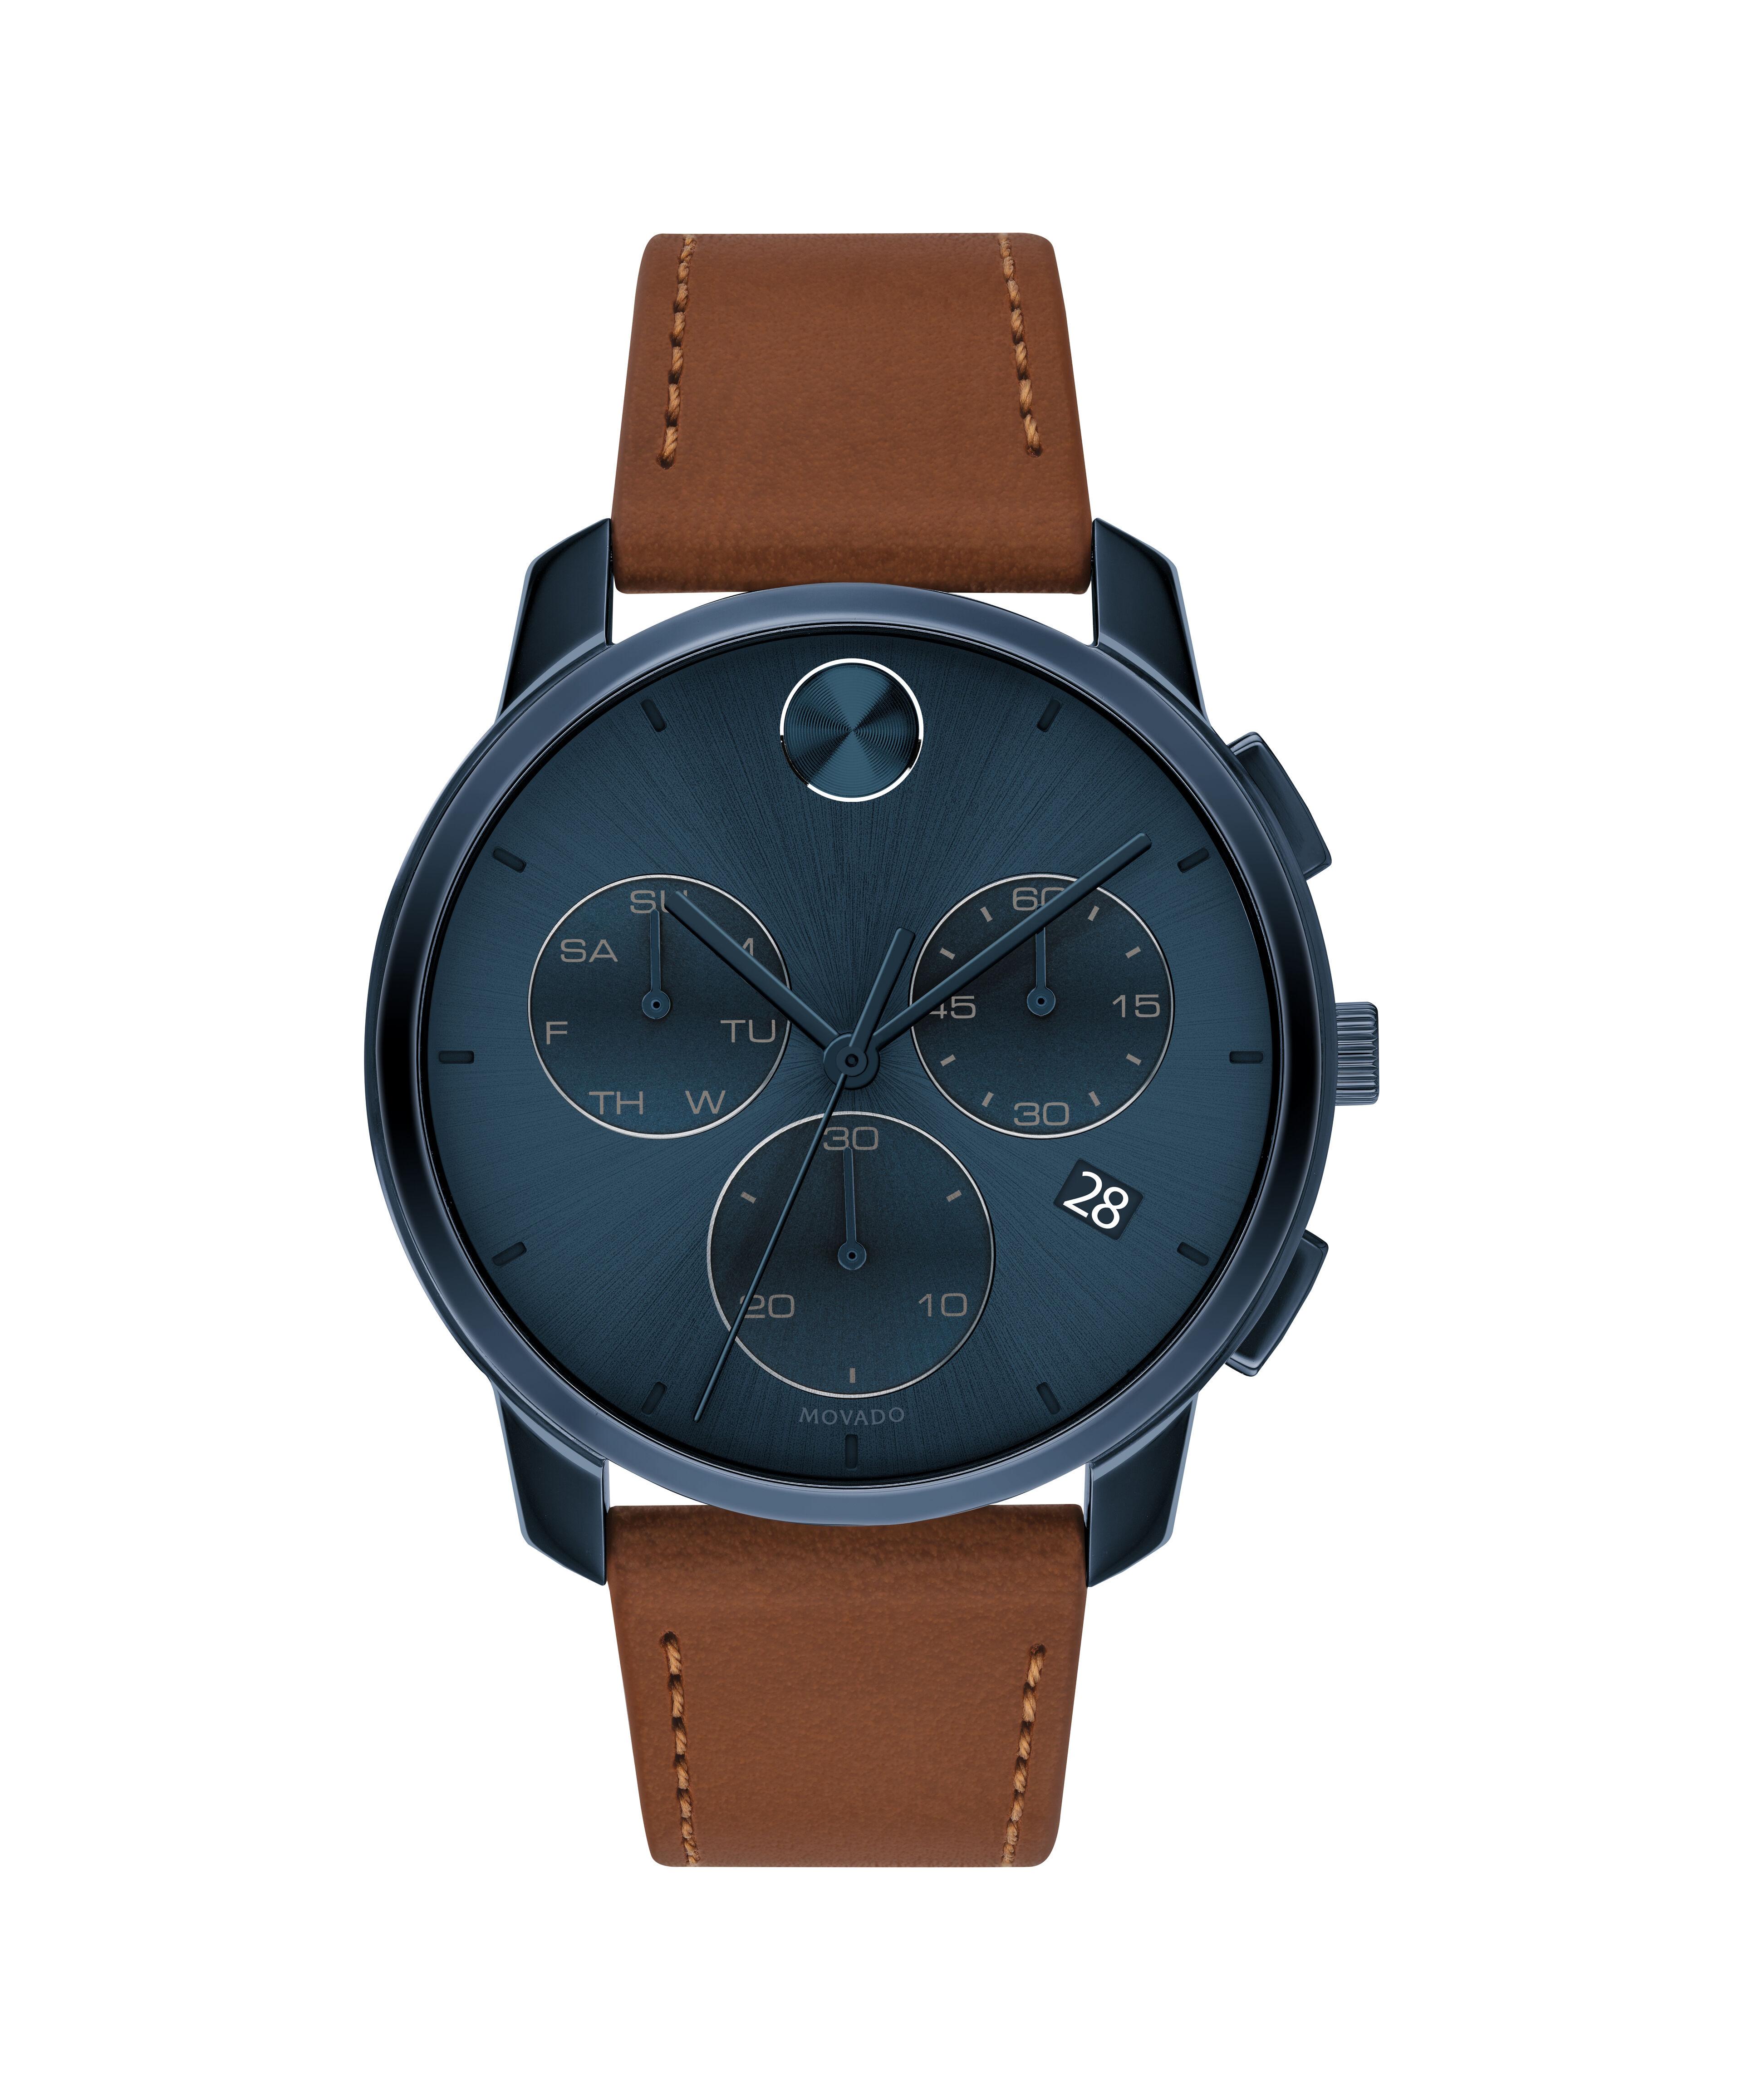 Devon Watches Replica